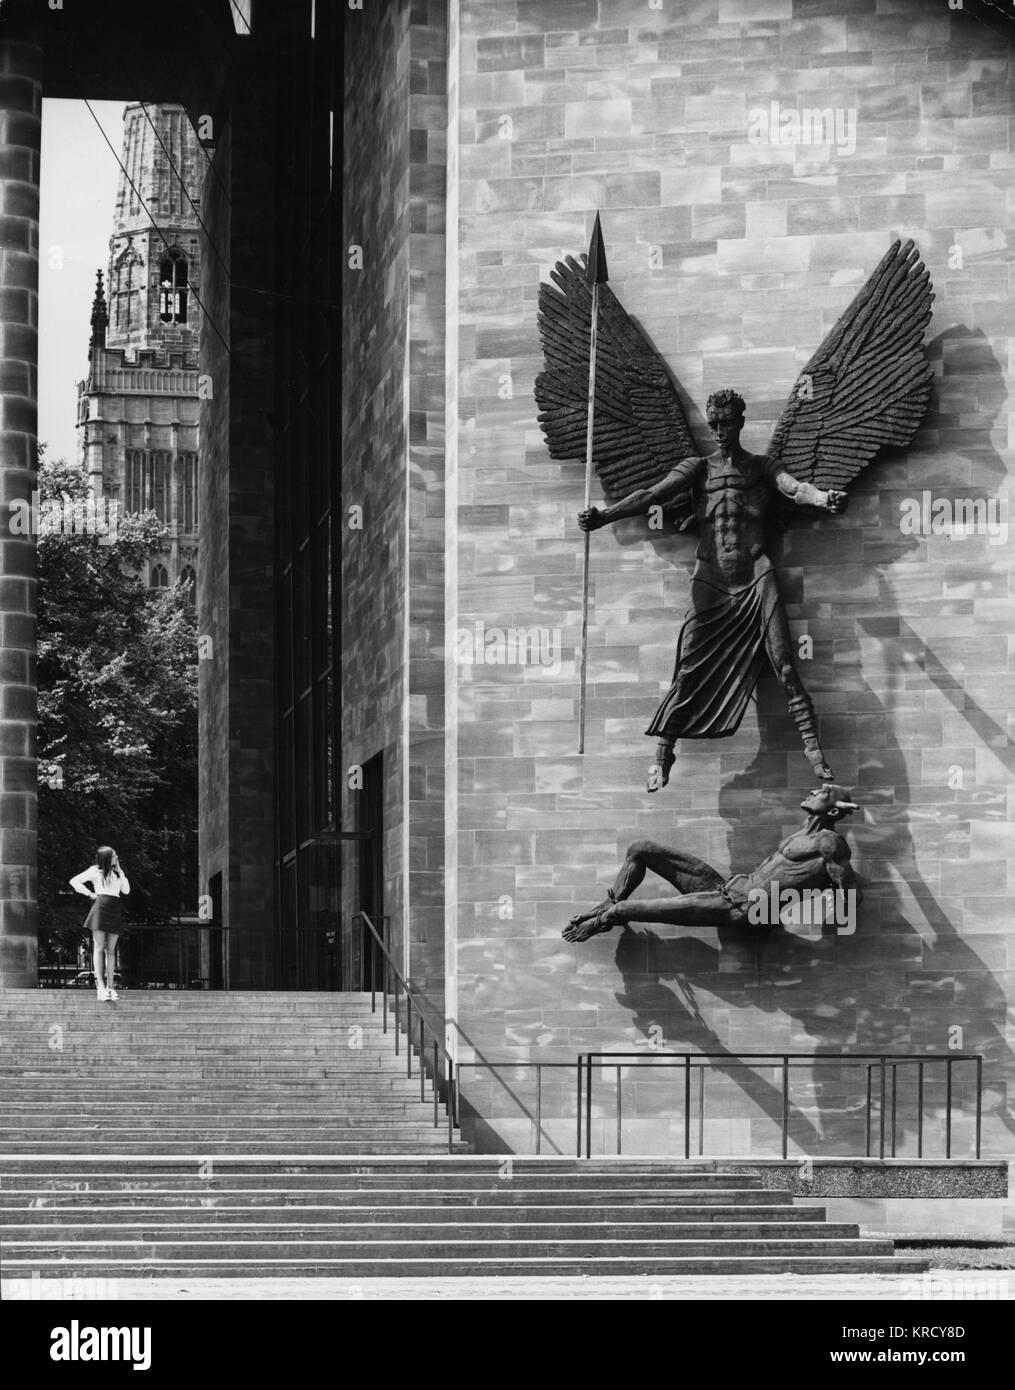 Die enorme (6 Meter hoch) Skulptur von St. Michael den Teufel besiegen (Luzifer) modelliert (1958) von Sir Jacob Stockbild